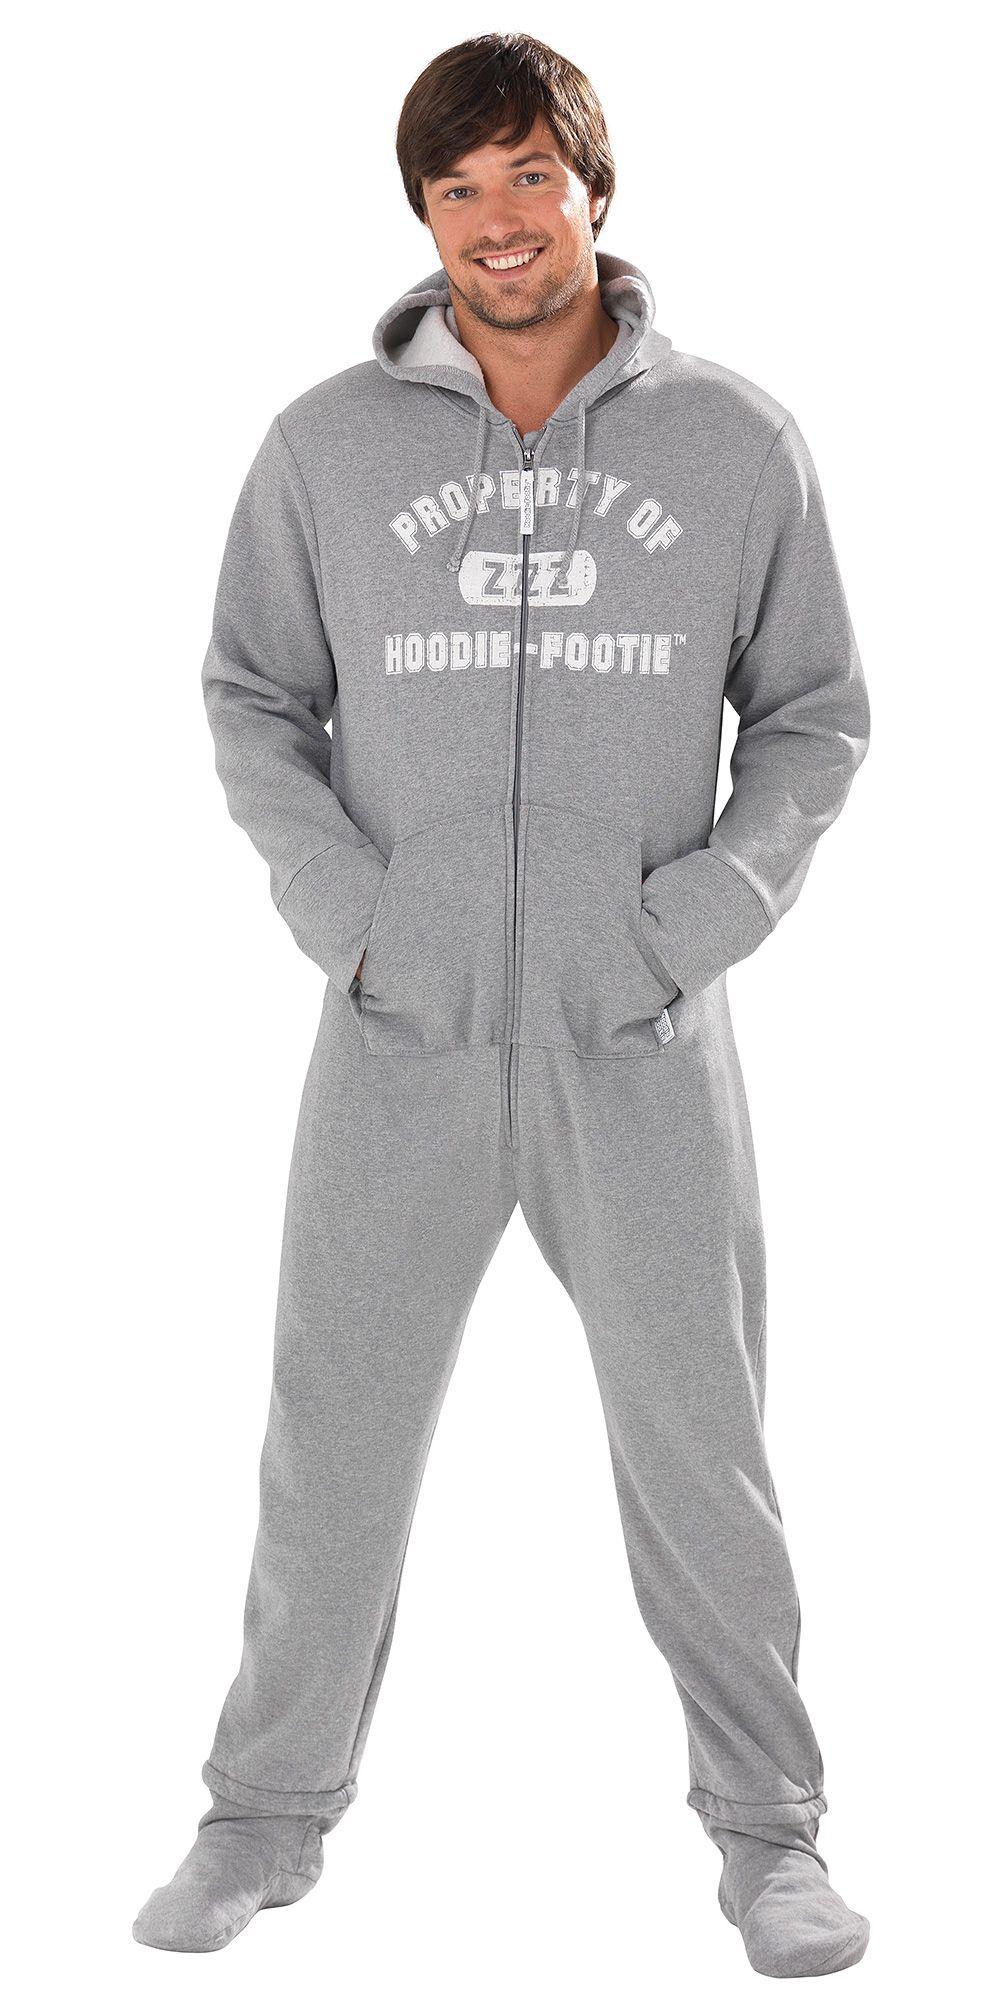 Hoodie Footie For Men Gray Varsity More Pajamagram Mens Pajamas Hoodie Footie Hoodies Men [ 2000 x 1000 Pixel ]